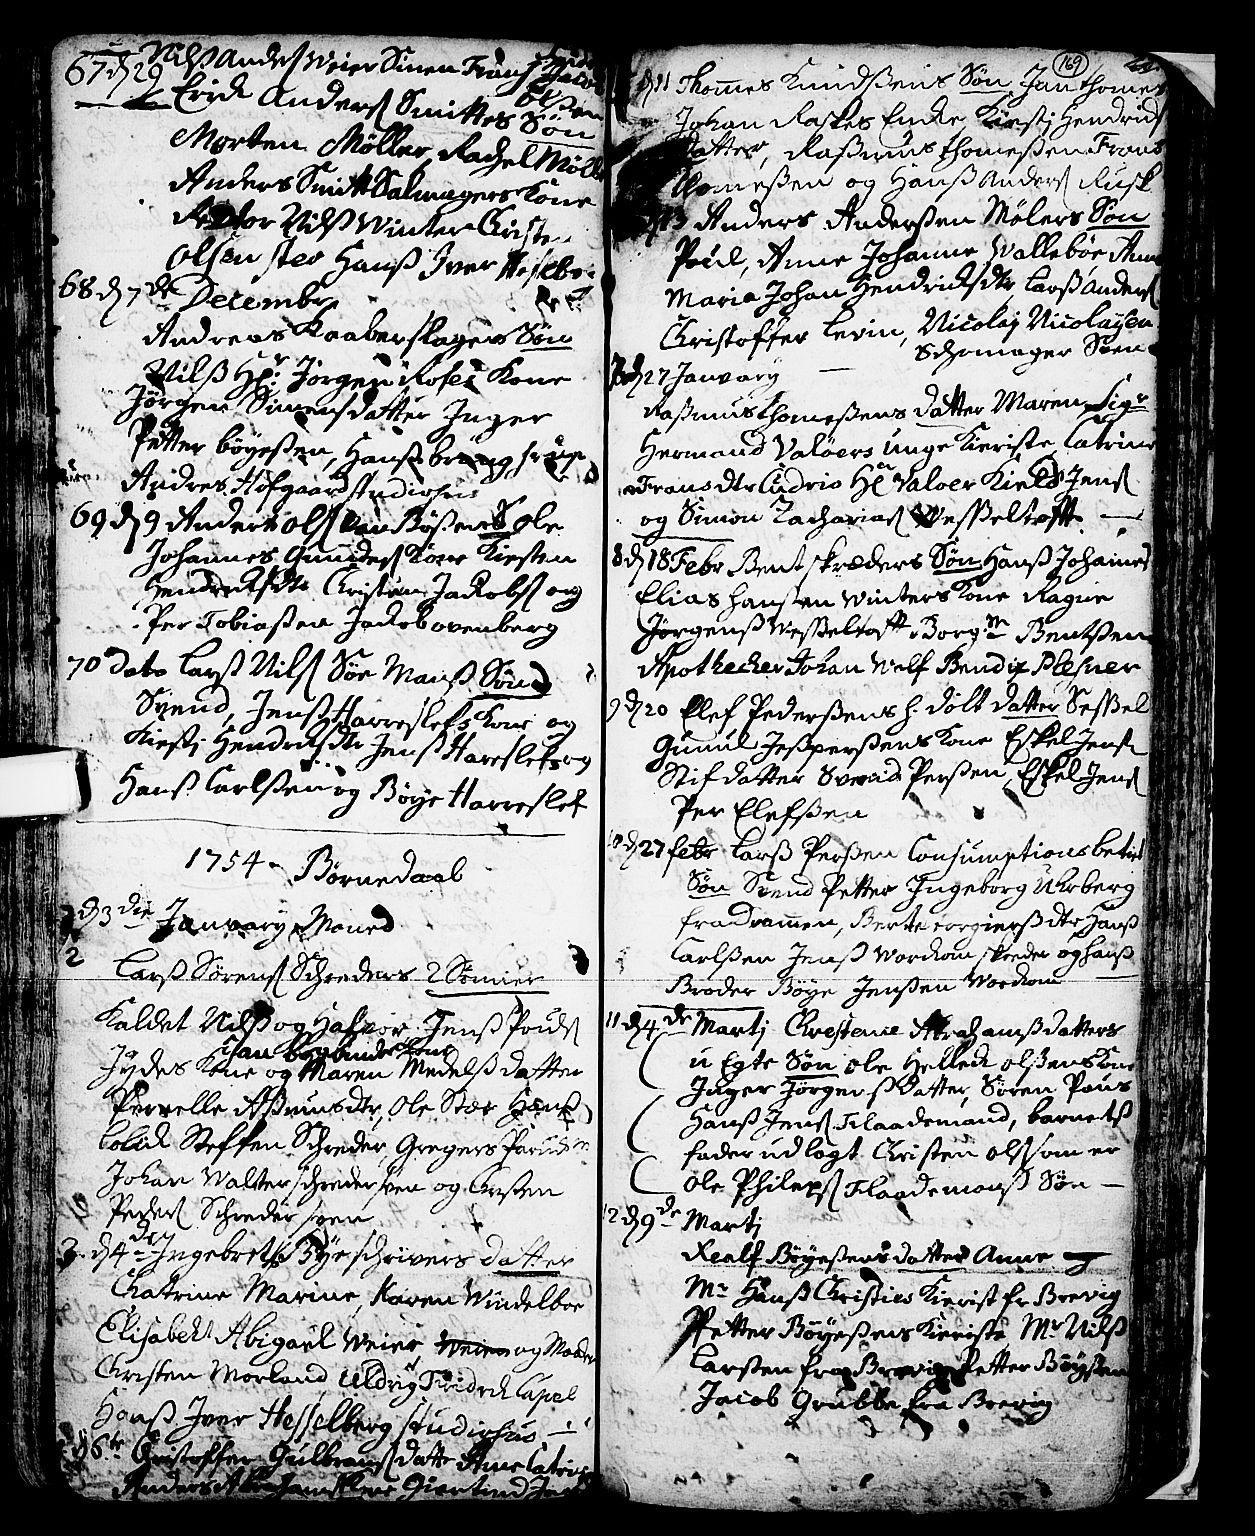 SAKO, Skien kirkebøker, F/Fa/L0002: Ministerialbok nr. 2, 1716-1757, s. 169